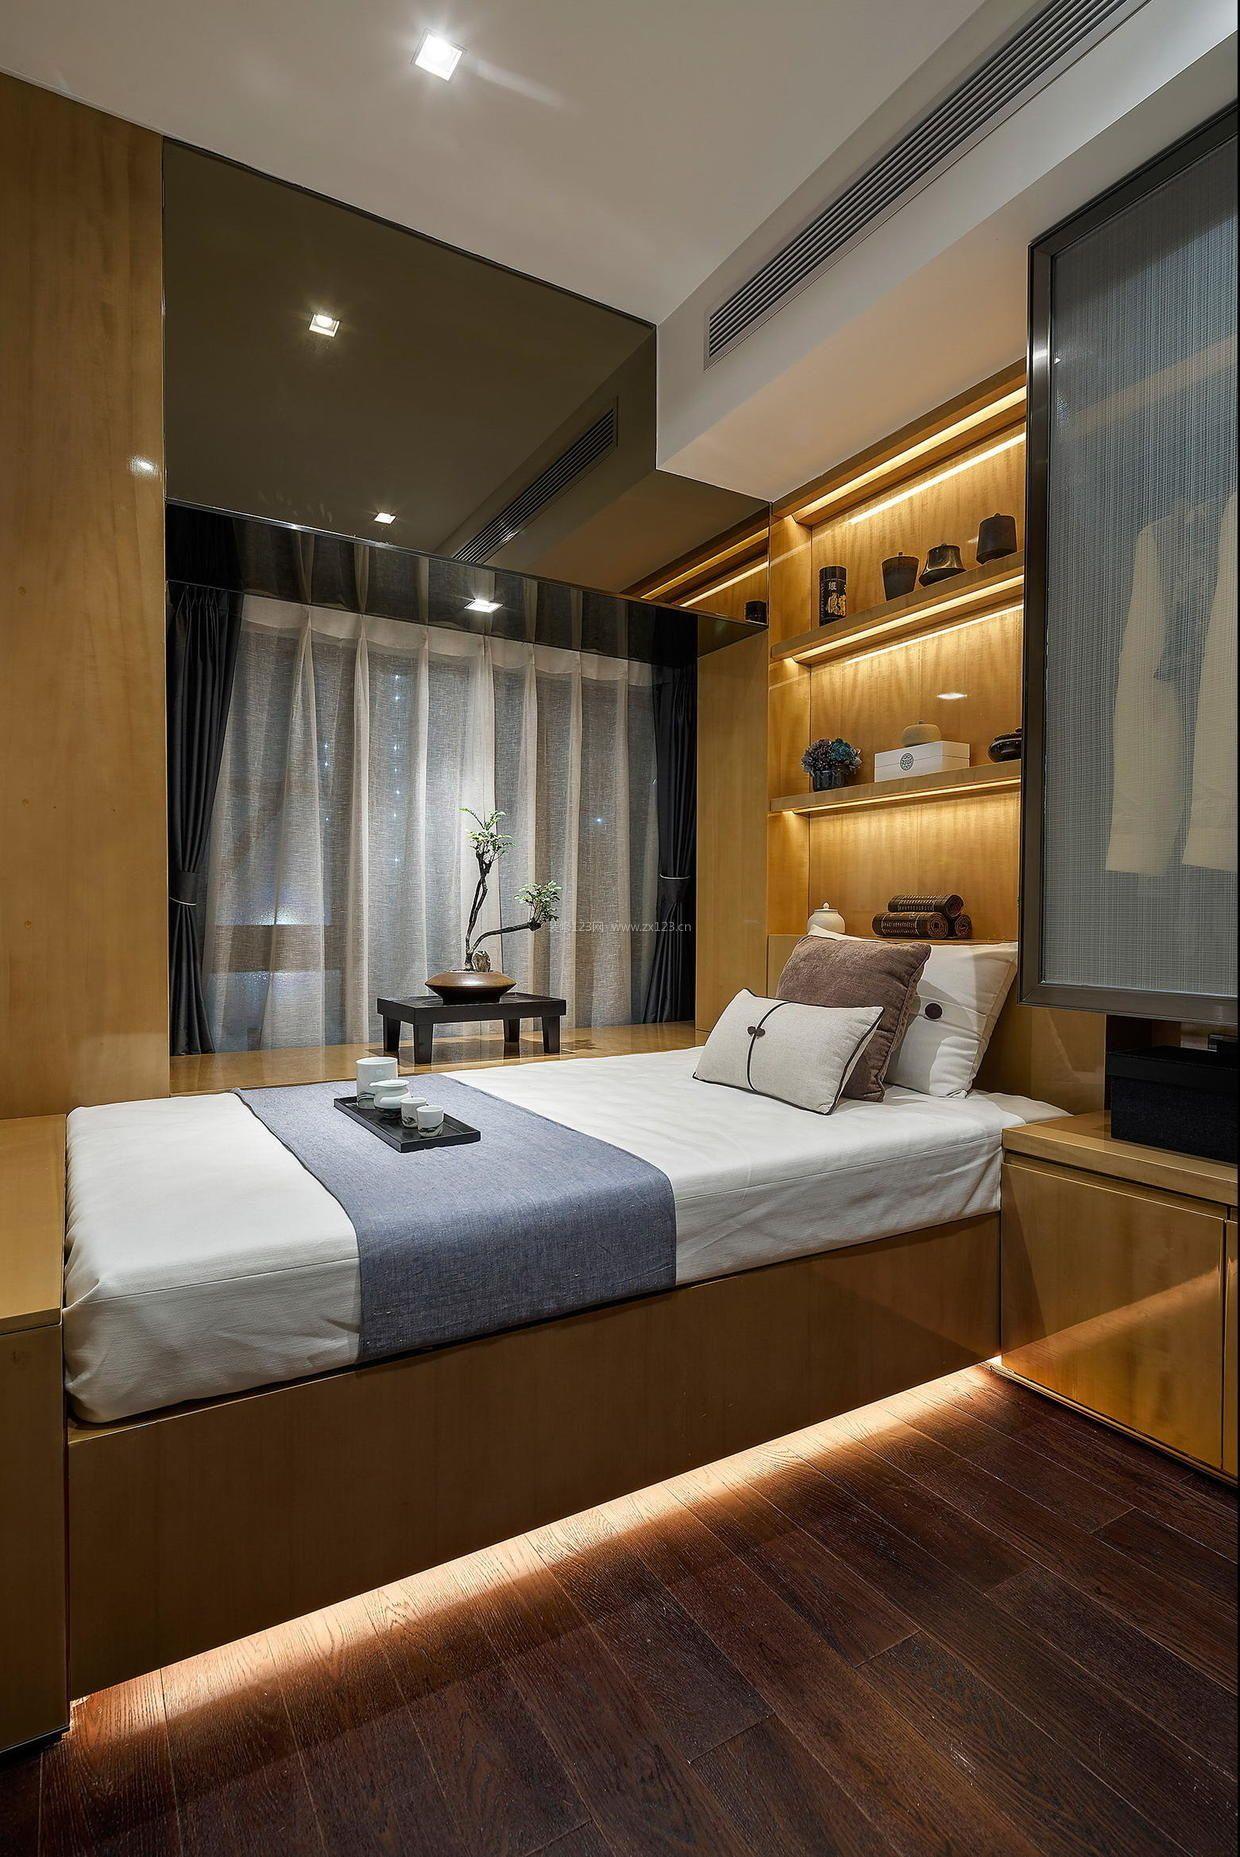 简约中式卧室榻榻米床装修效果图片图片